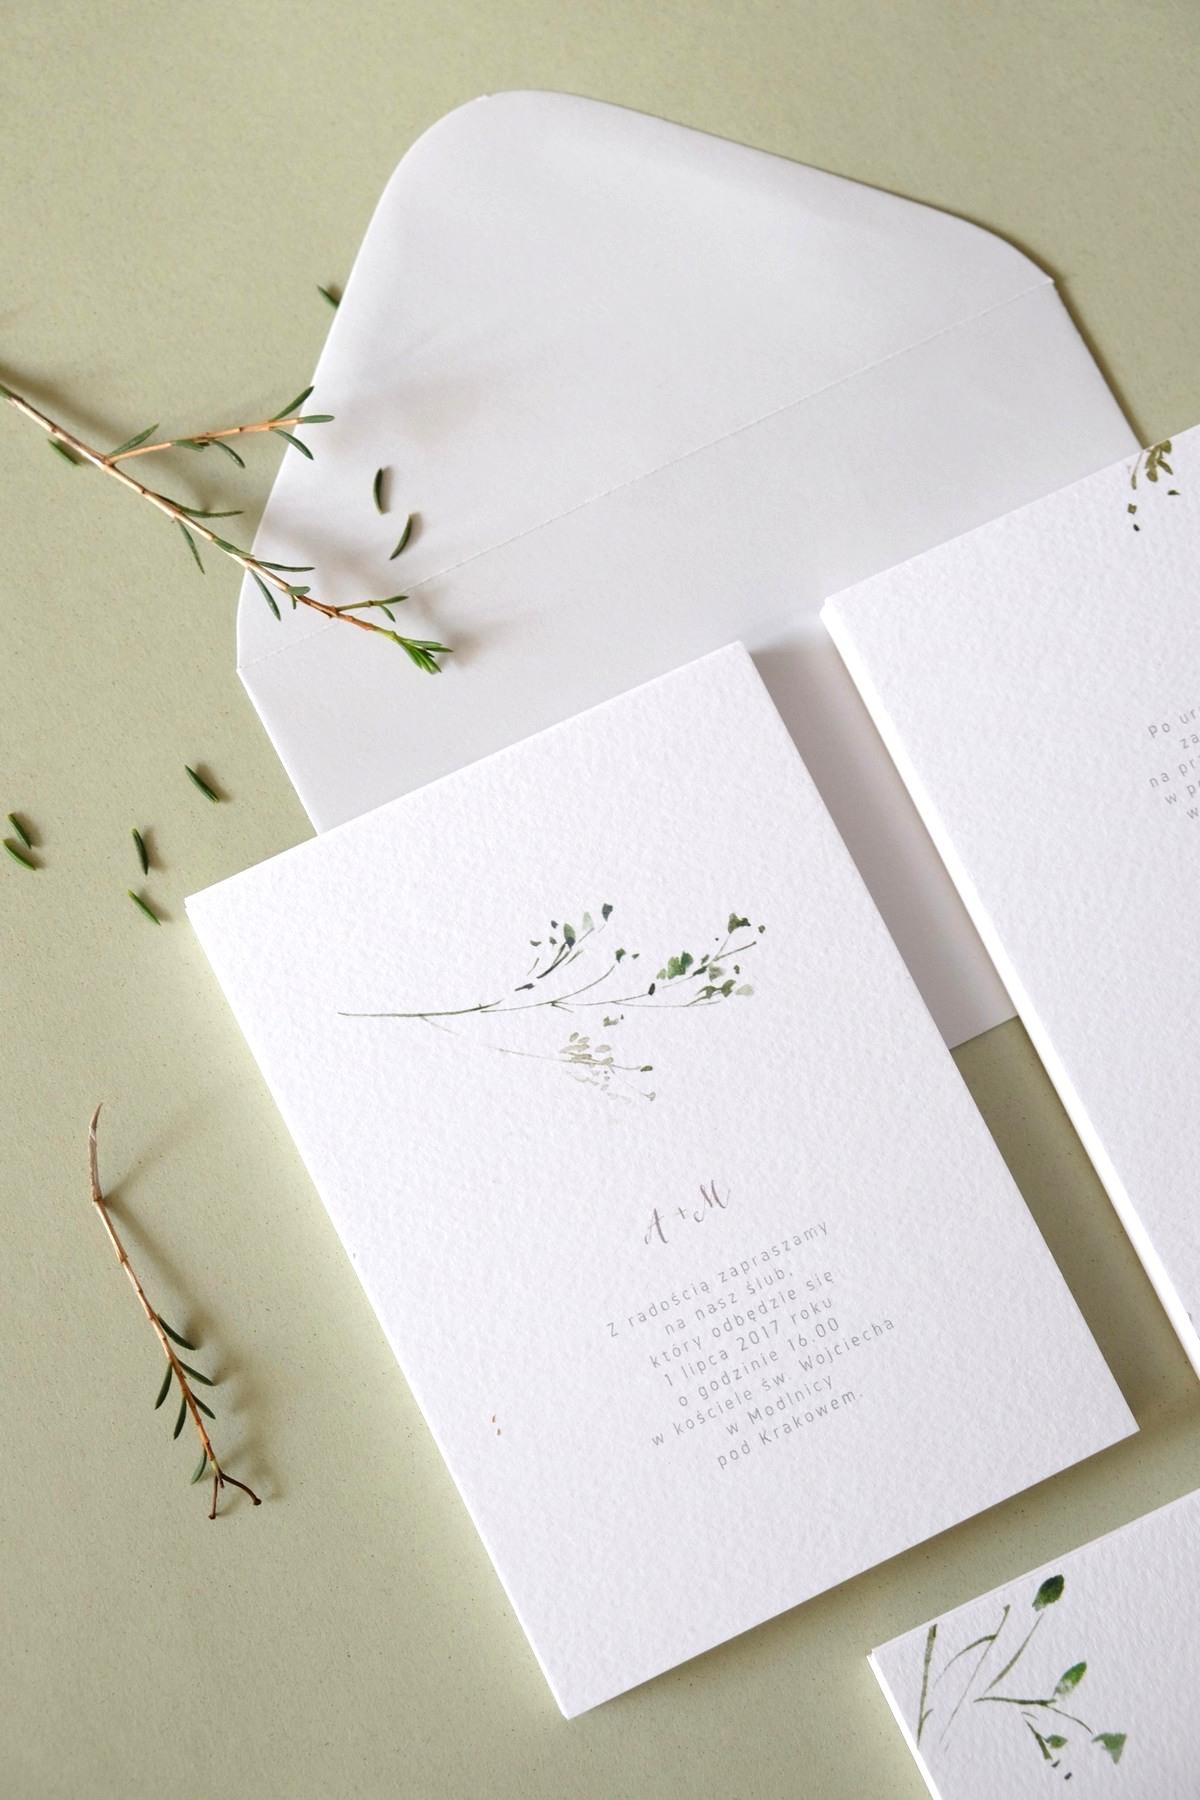 Oryginalne-Zaproszenia-Ślubne-z-Motywem-Zielonej-Gałązki-Herbarium1